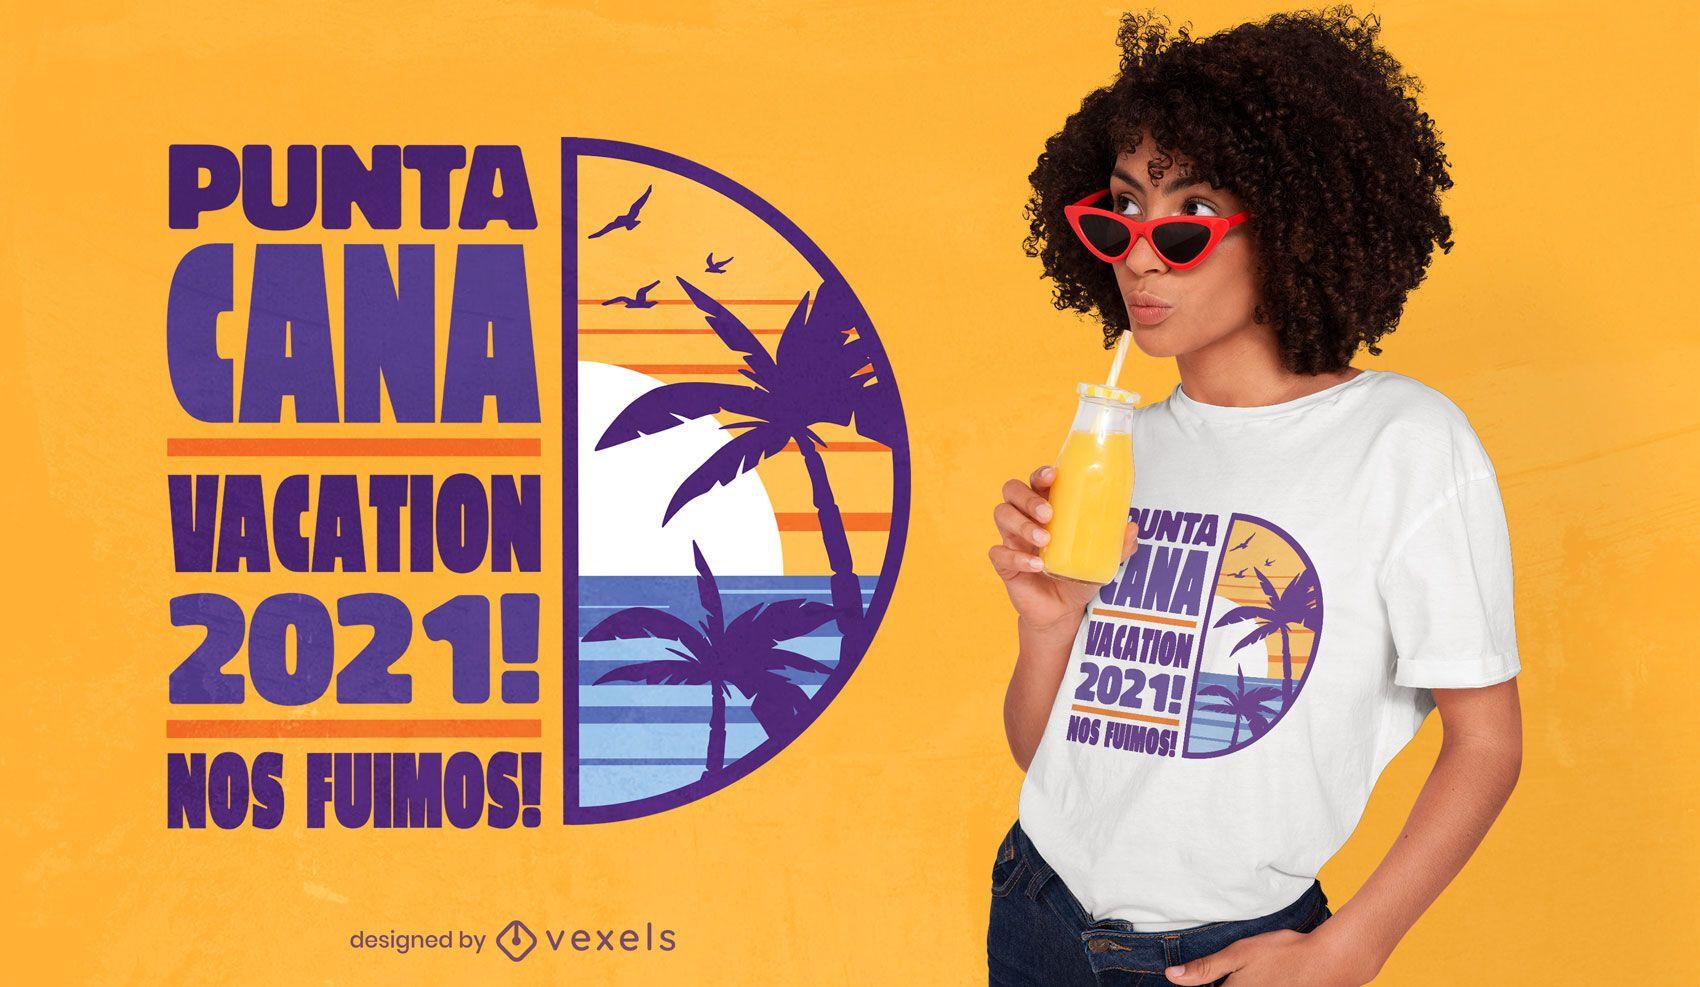 Design de t-shirt de citações de férias em Punta cana